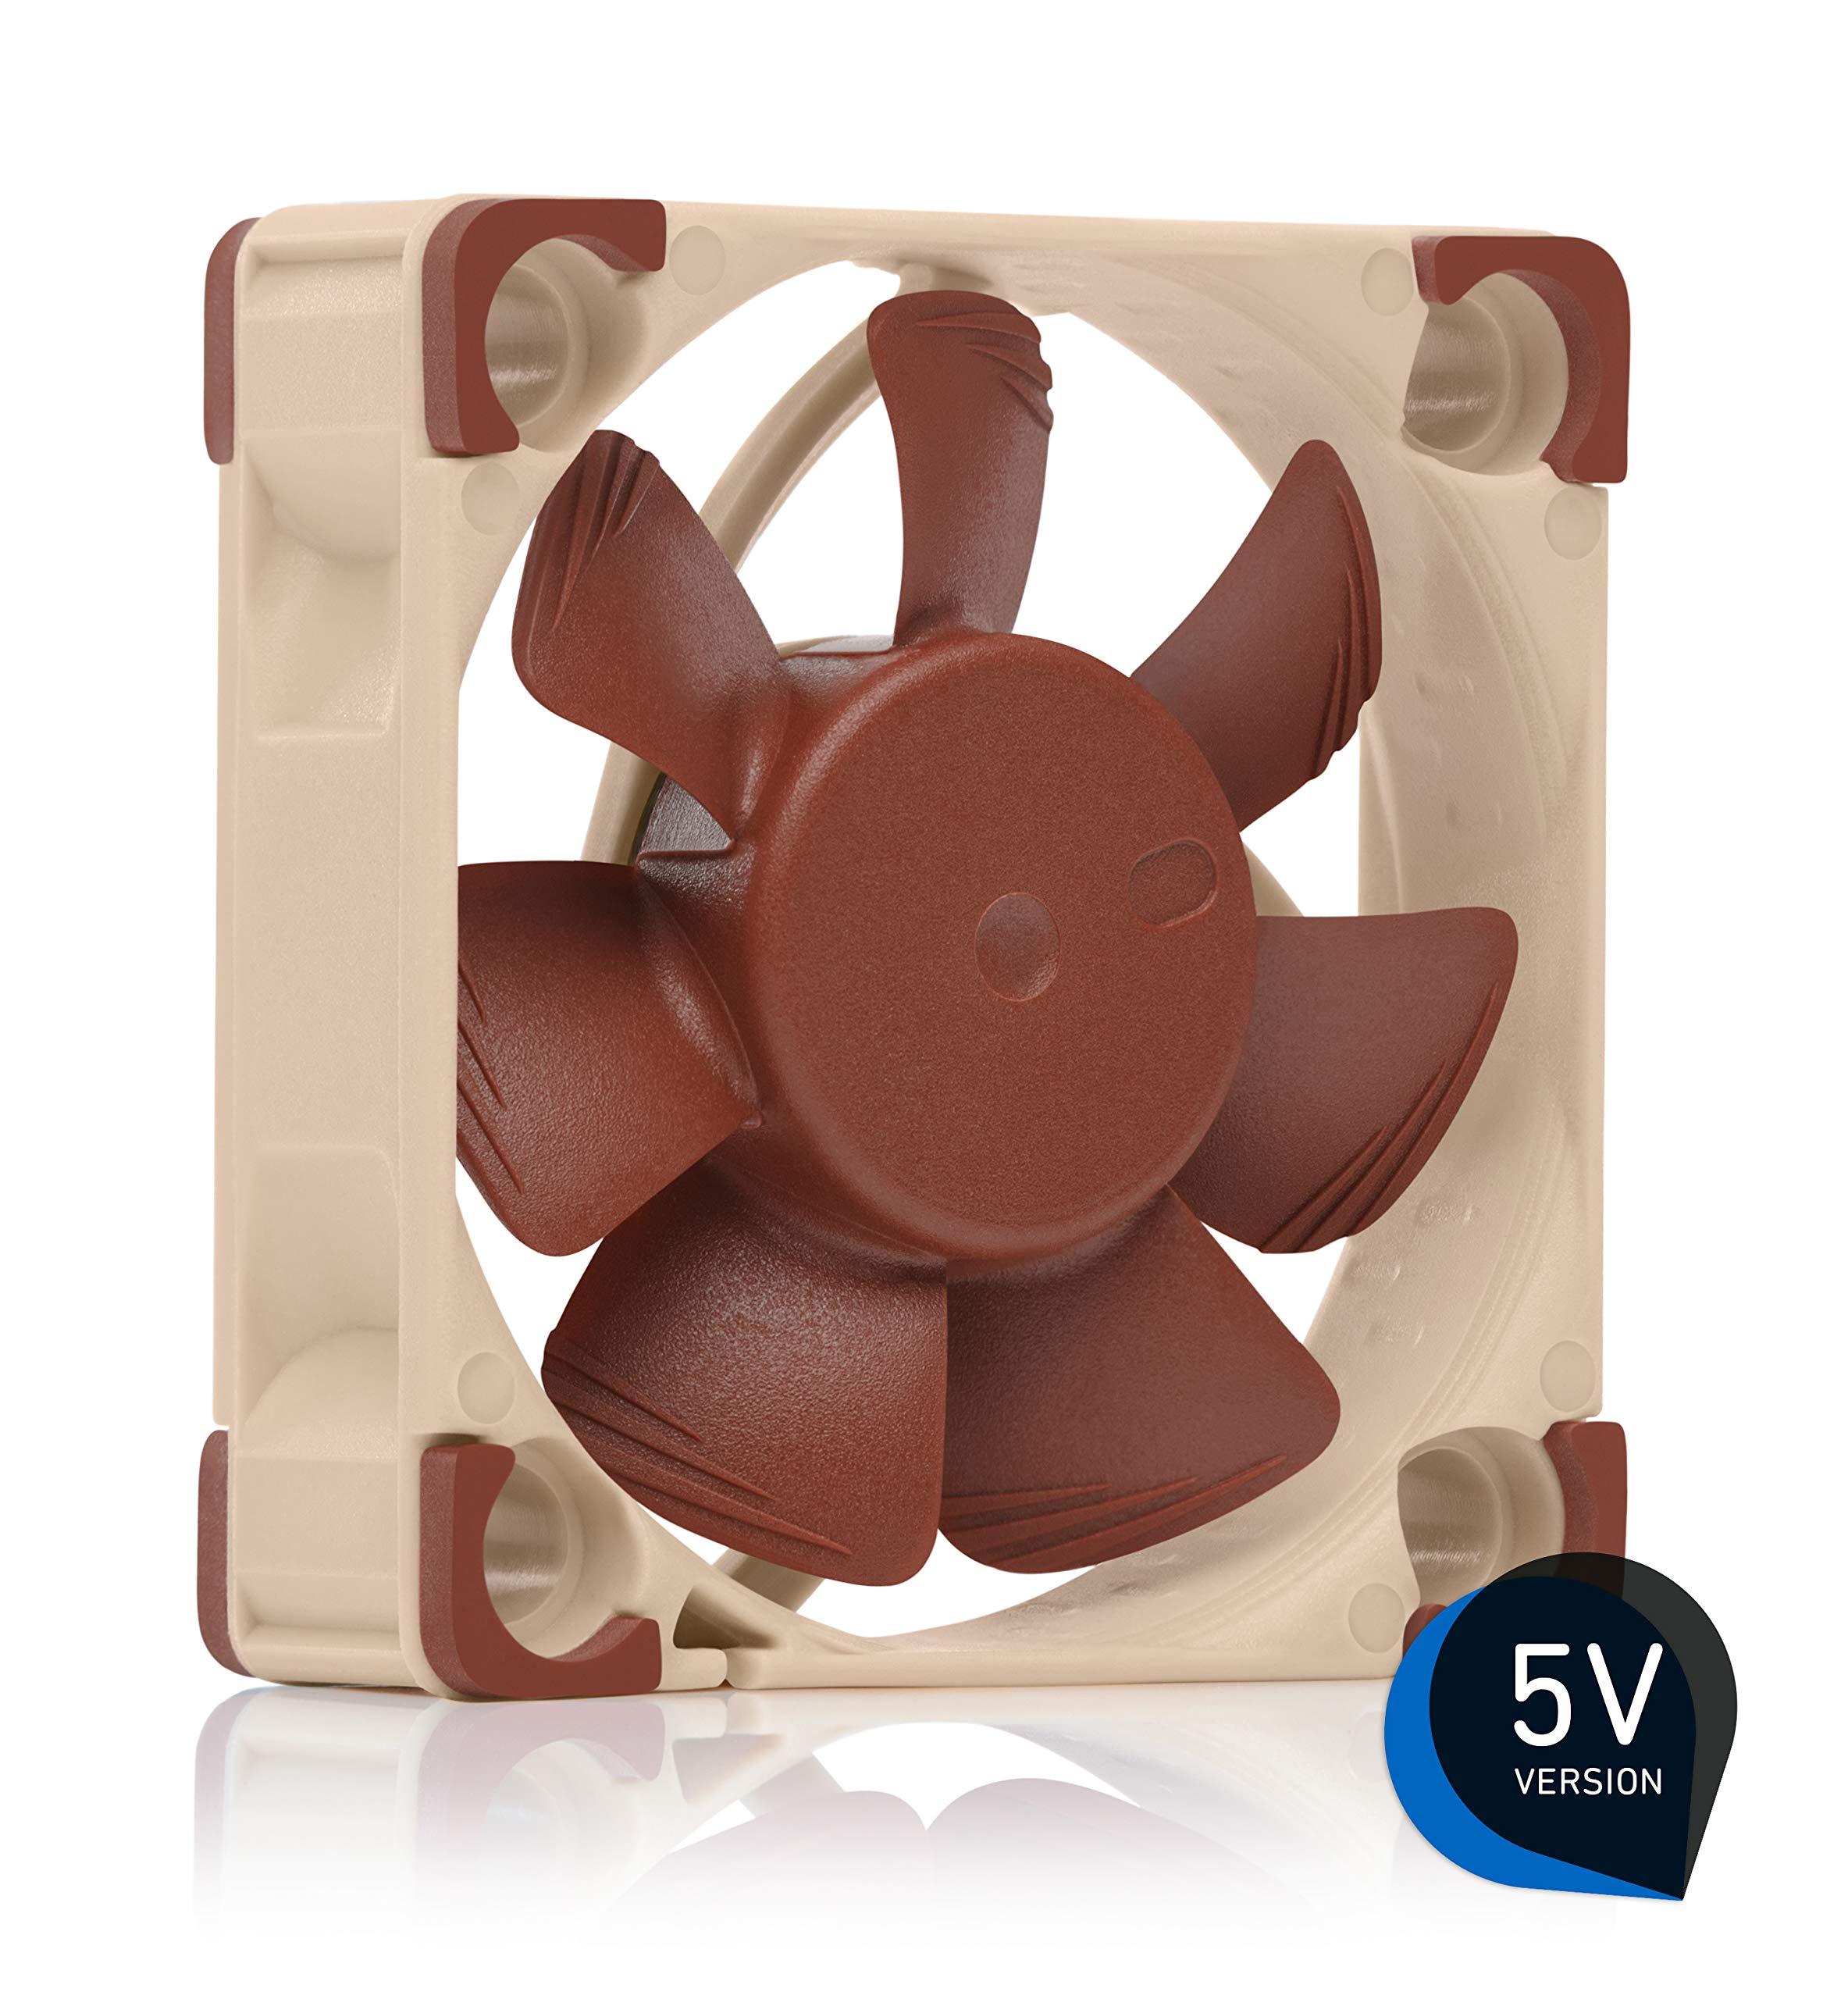 Fan Cooler Noctua Nf-a4x10 5v, Premium Quiet Fan, 3-pin, 5v